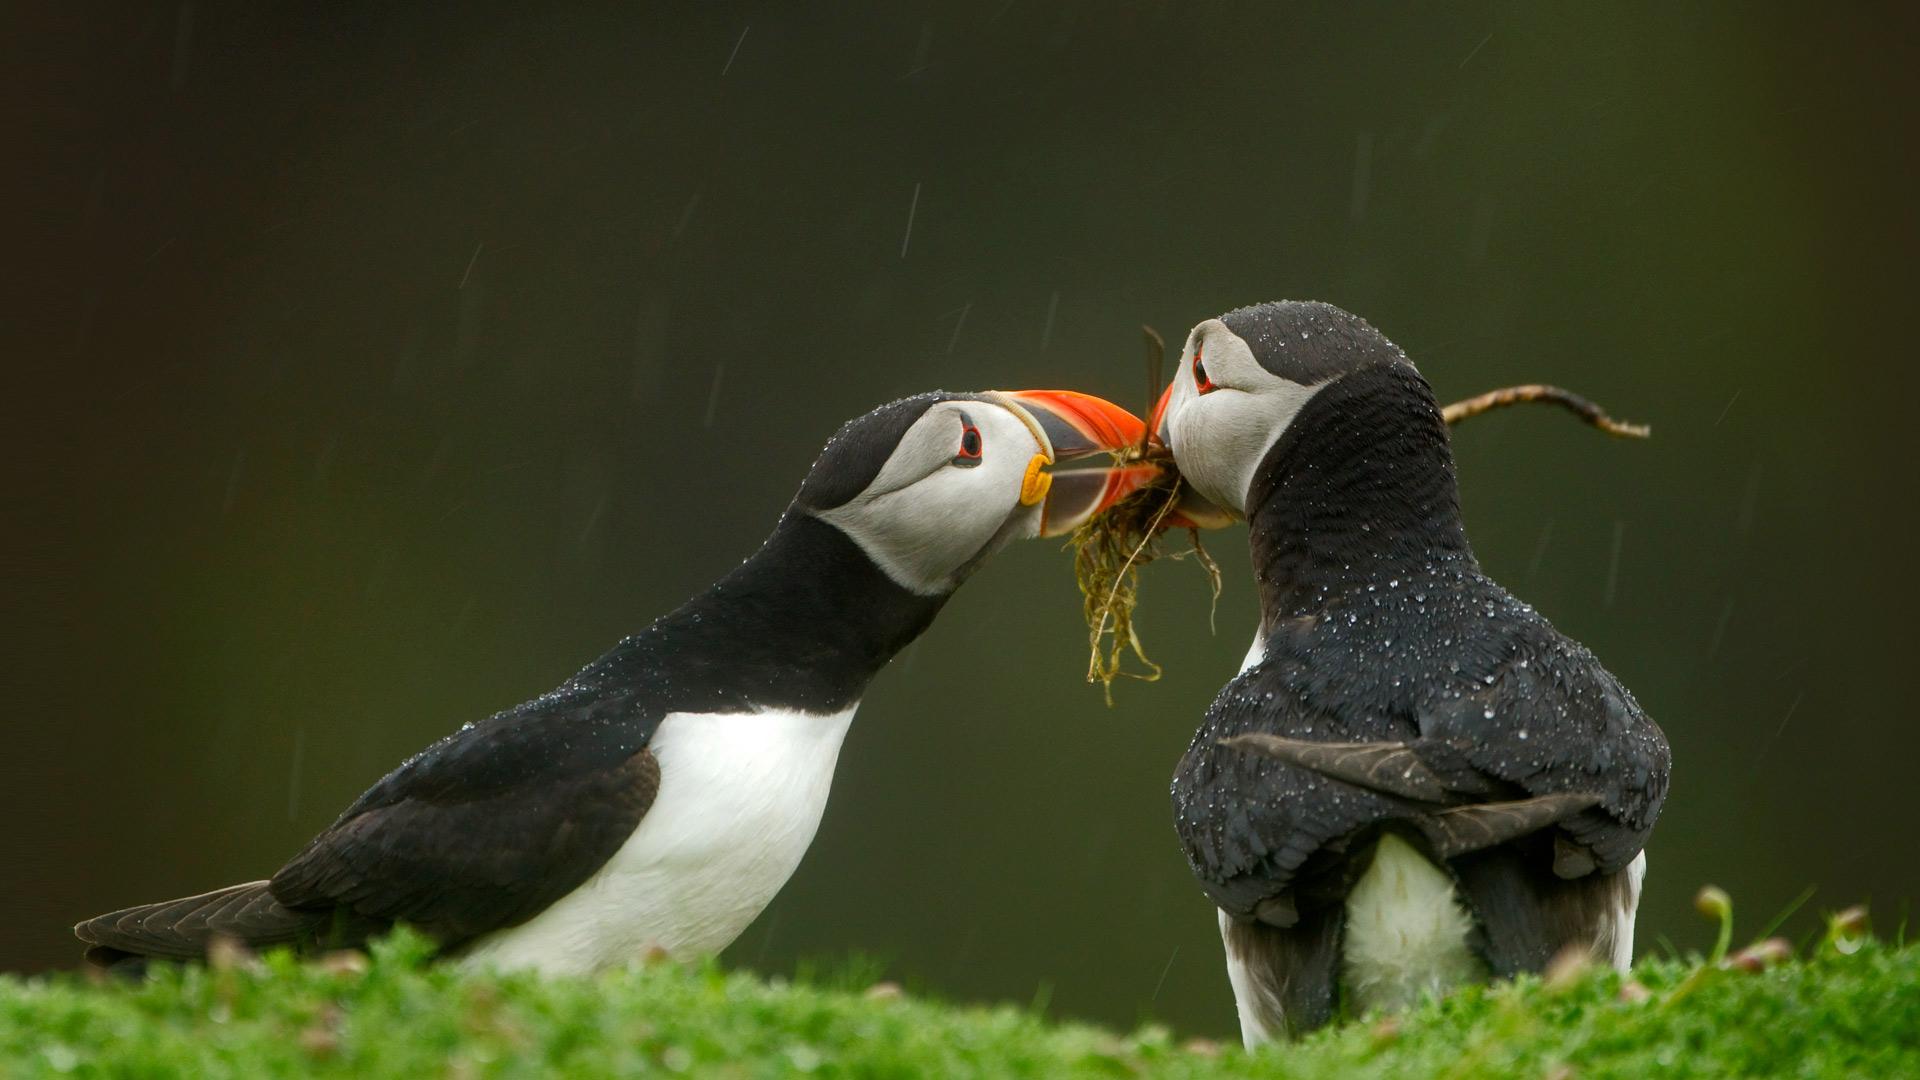 雄性大西洋海鹦将筑巢材料递给它的伴侣大西洋海鹦